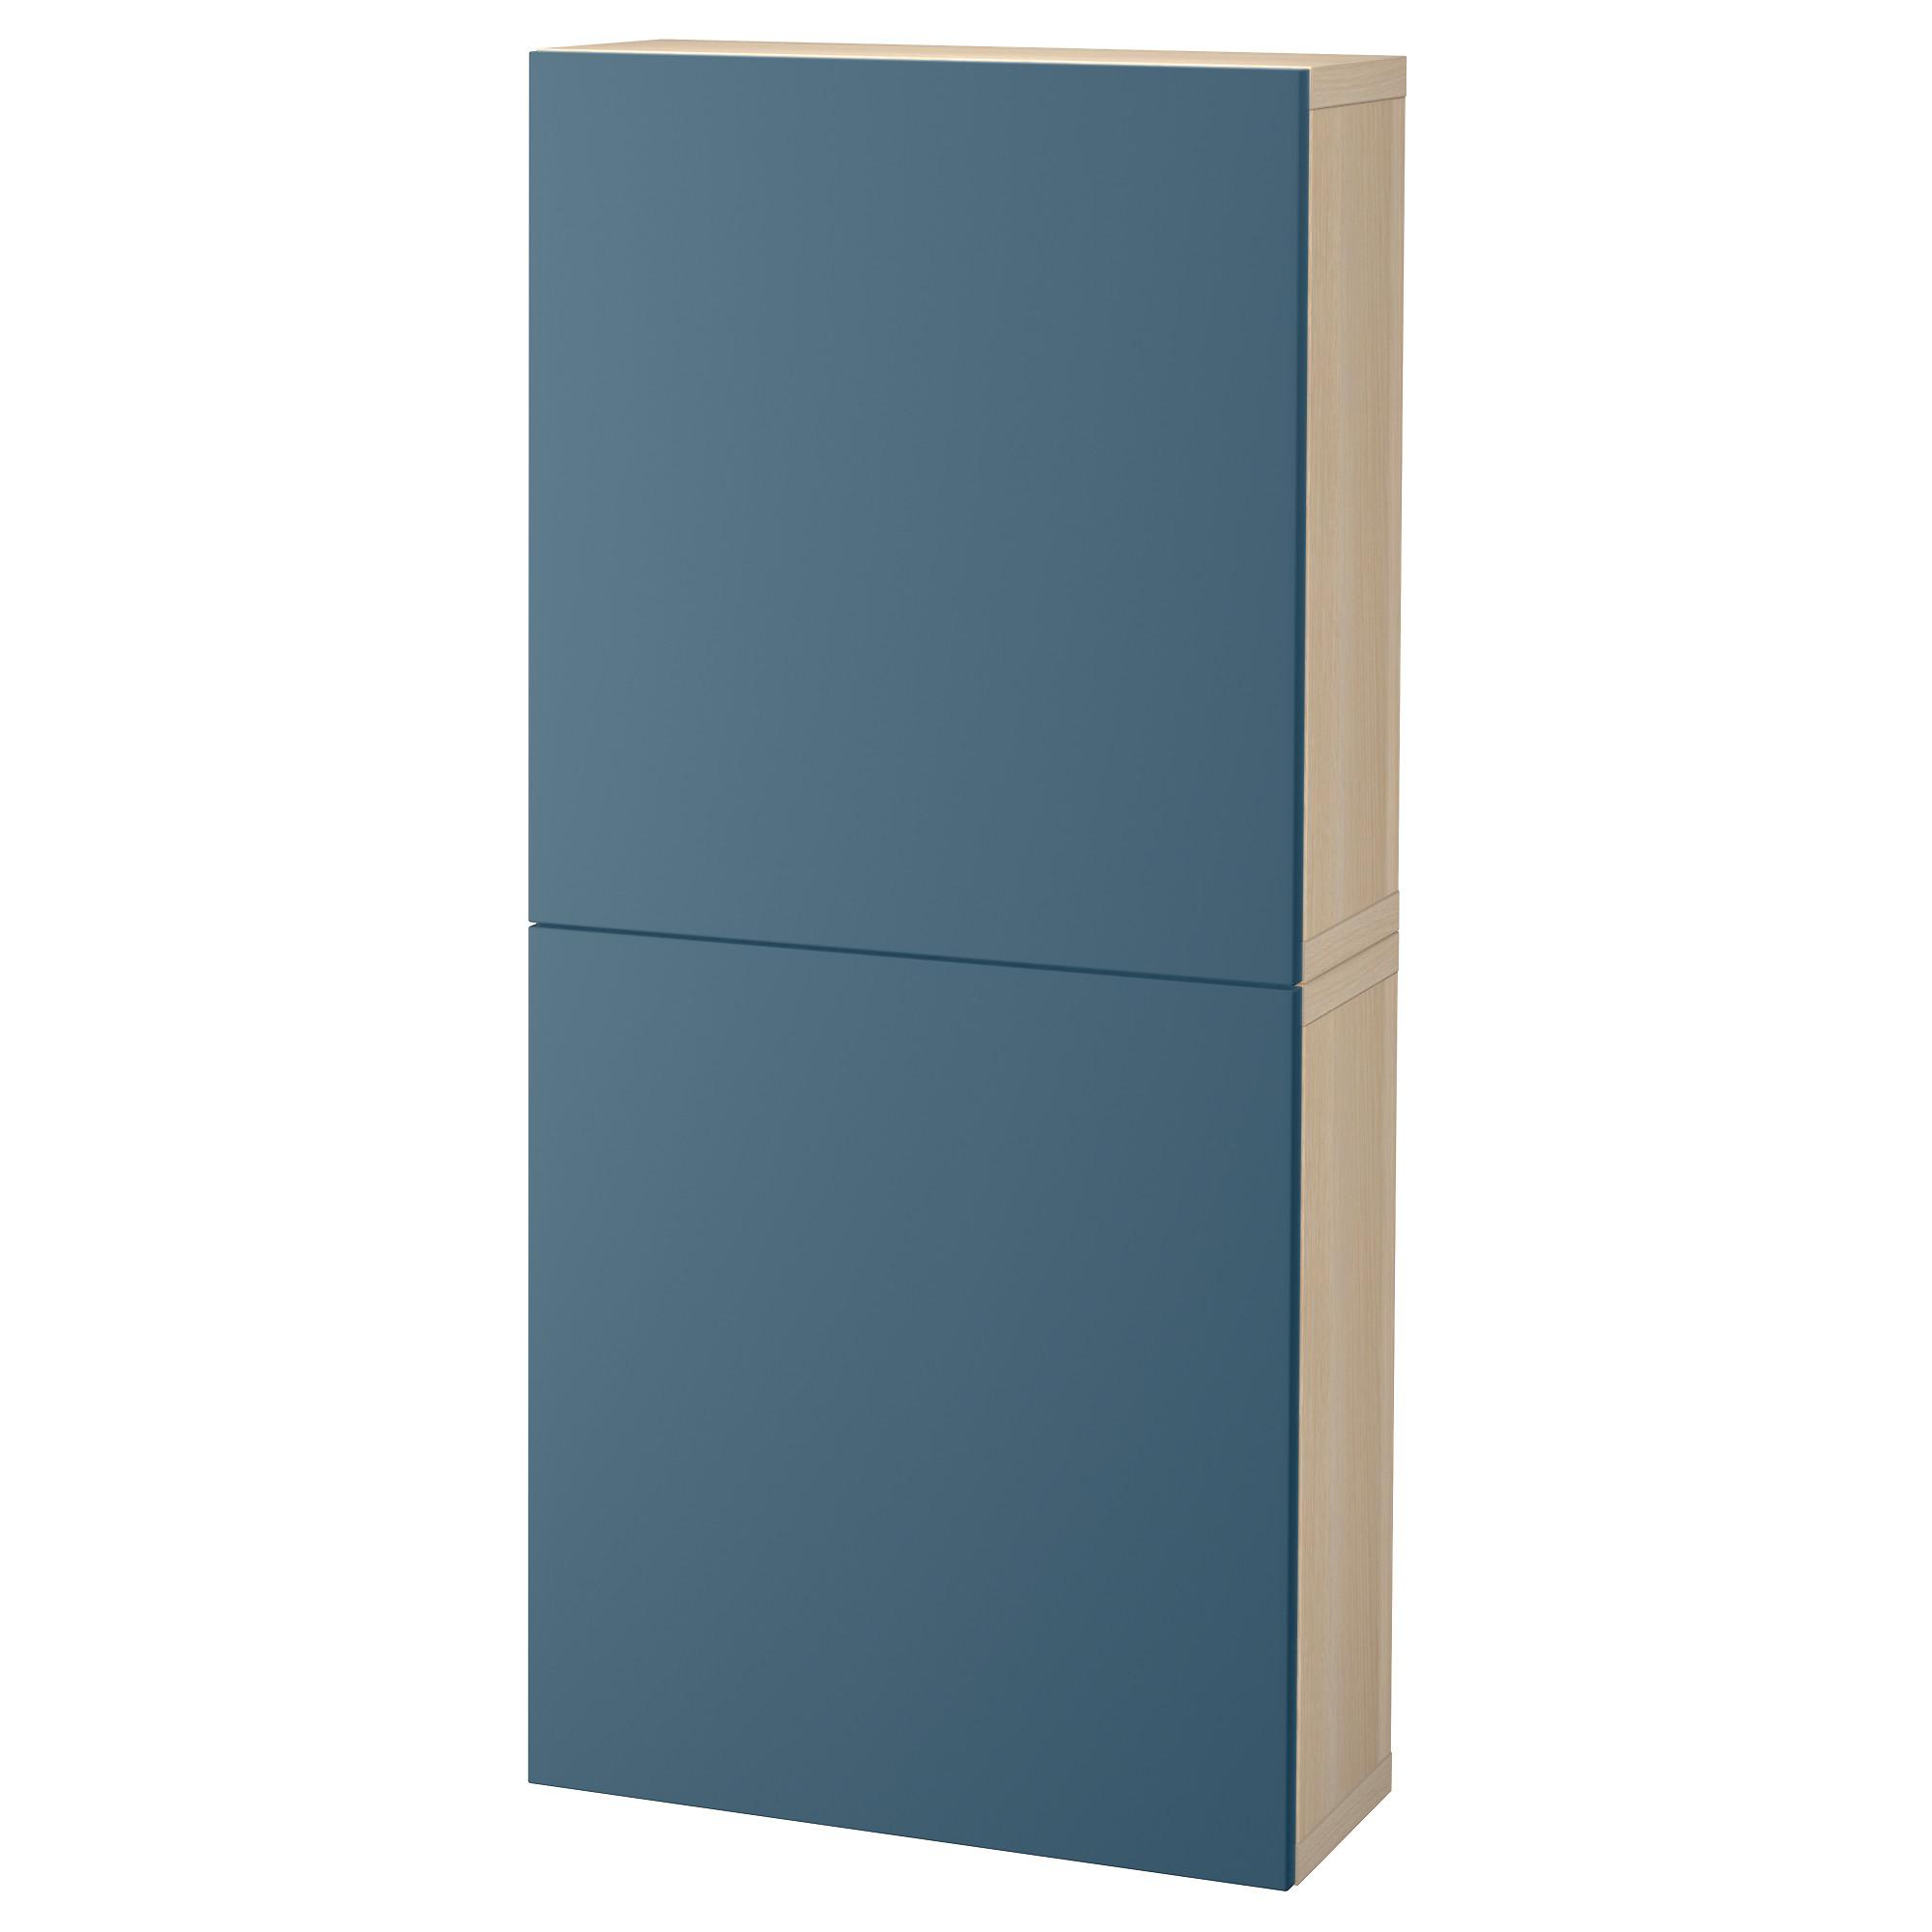 Навесной шкаф с 2 дверями БЕСТО темно-синий артикуль № 292.489.39 в наличии. Интернет сайт IKEA Республика Беларусь. Быстрая доставка и монтаж.